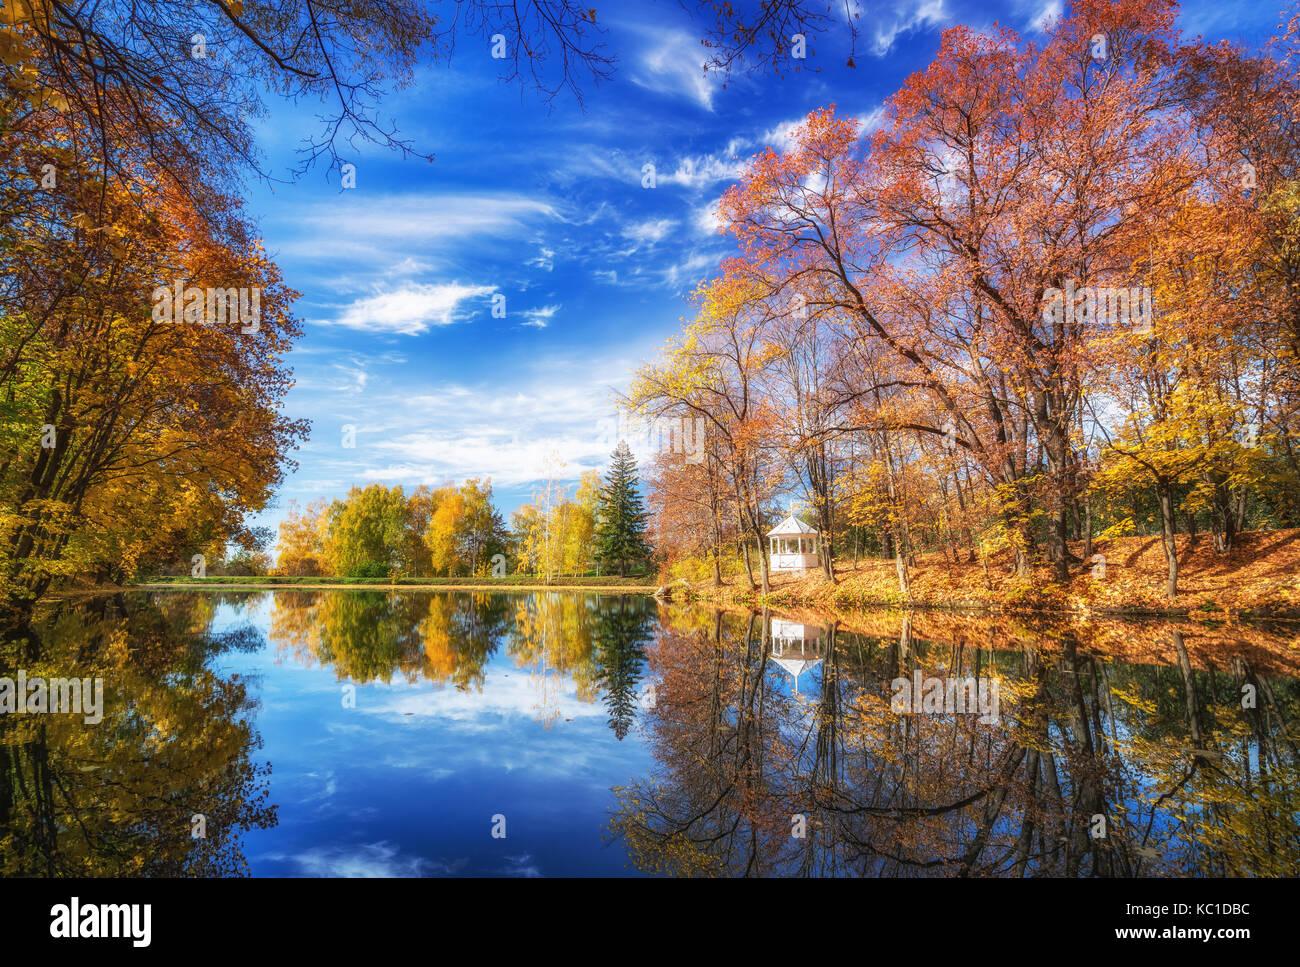 Automne ensoleillé dans le parc sur le lac Photo Stock